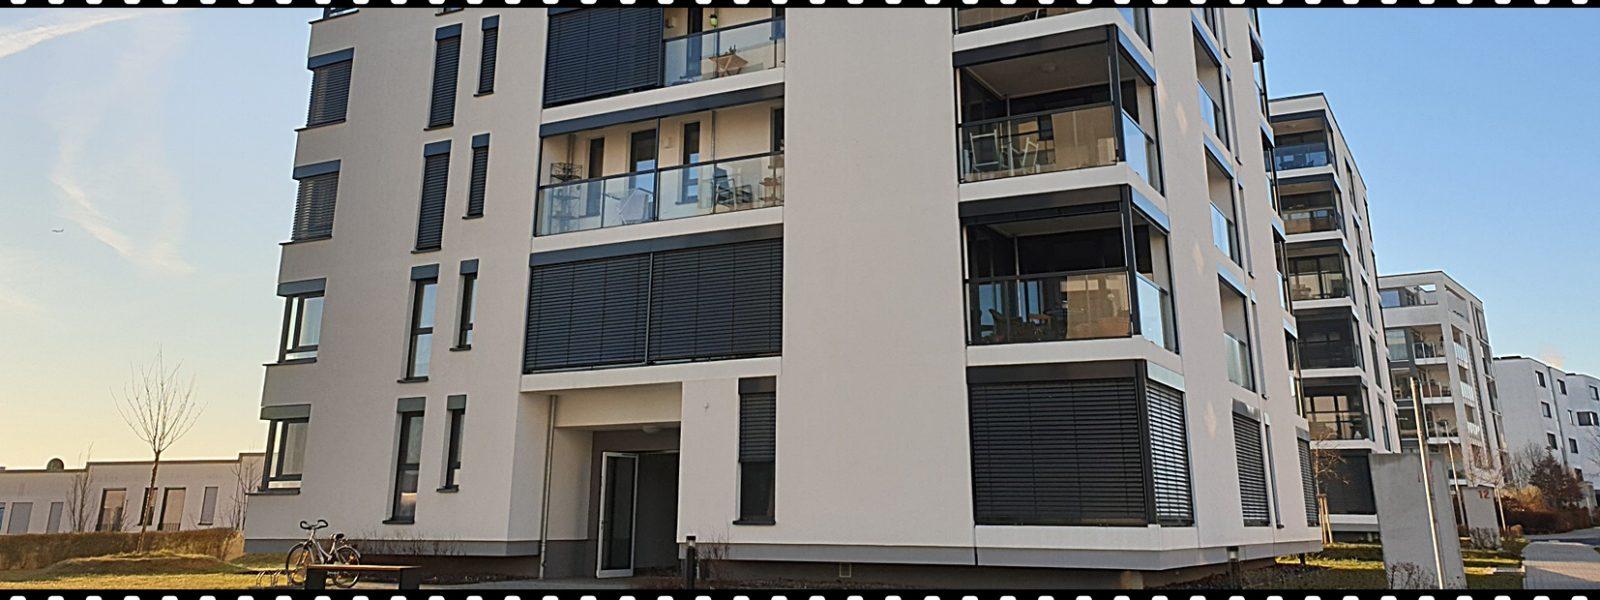 Stilvolle 2 Zi. Etagenwohnung mit 2x Loggia, Kellerraum + TG zu verm.